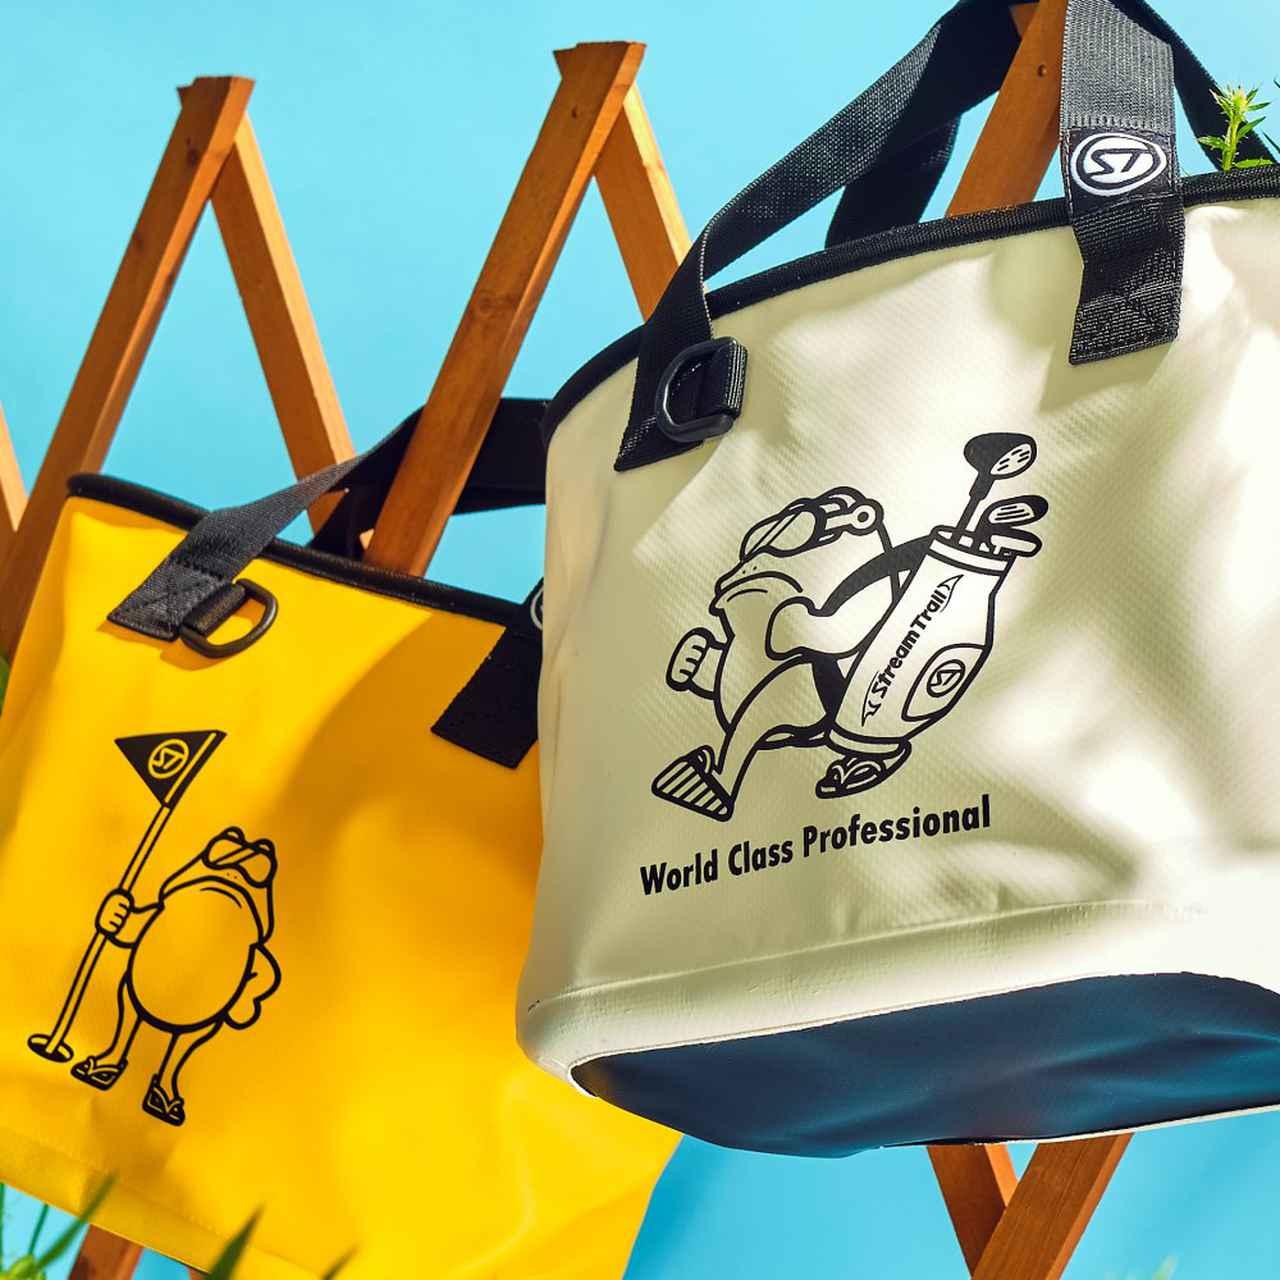 画像: 【ゴルフ仕様に】StreamTrail ターポリン ラウンドバッグ|ゴルフダイジェスト公式通販サイト「ゴルフポケット」